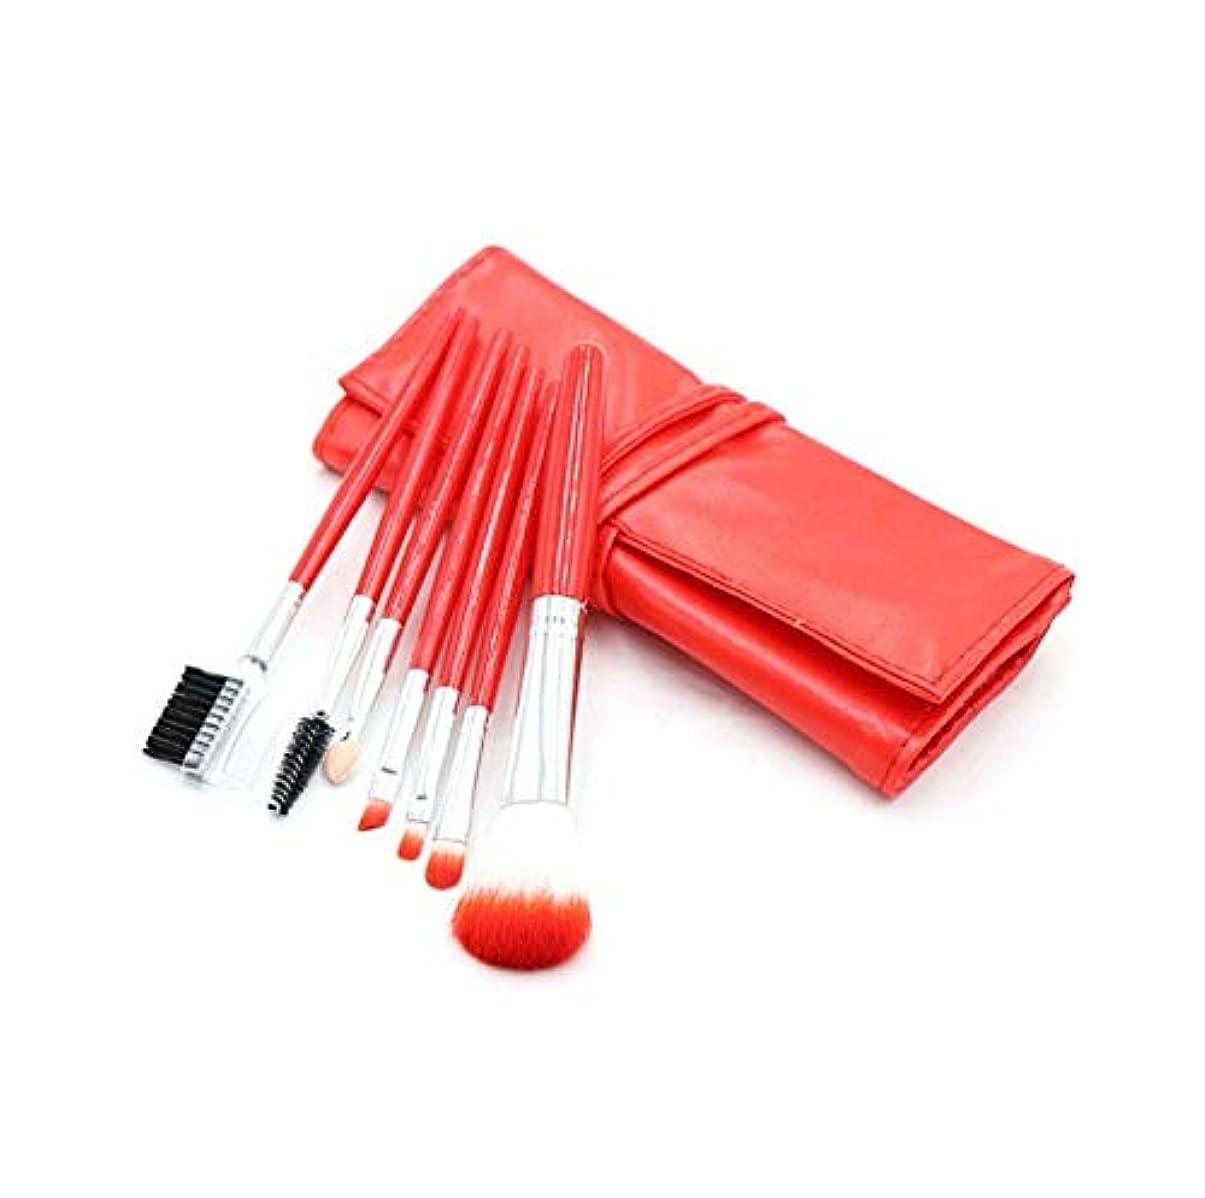 写真撮影プライムジョリー化粧ブラシセット、赤7化粧ブラシ化粧ブラシセットアイシャドウブラシリップブラシ美容化粧道具